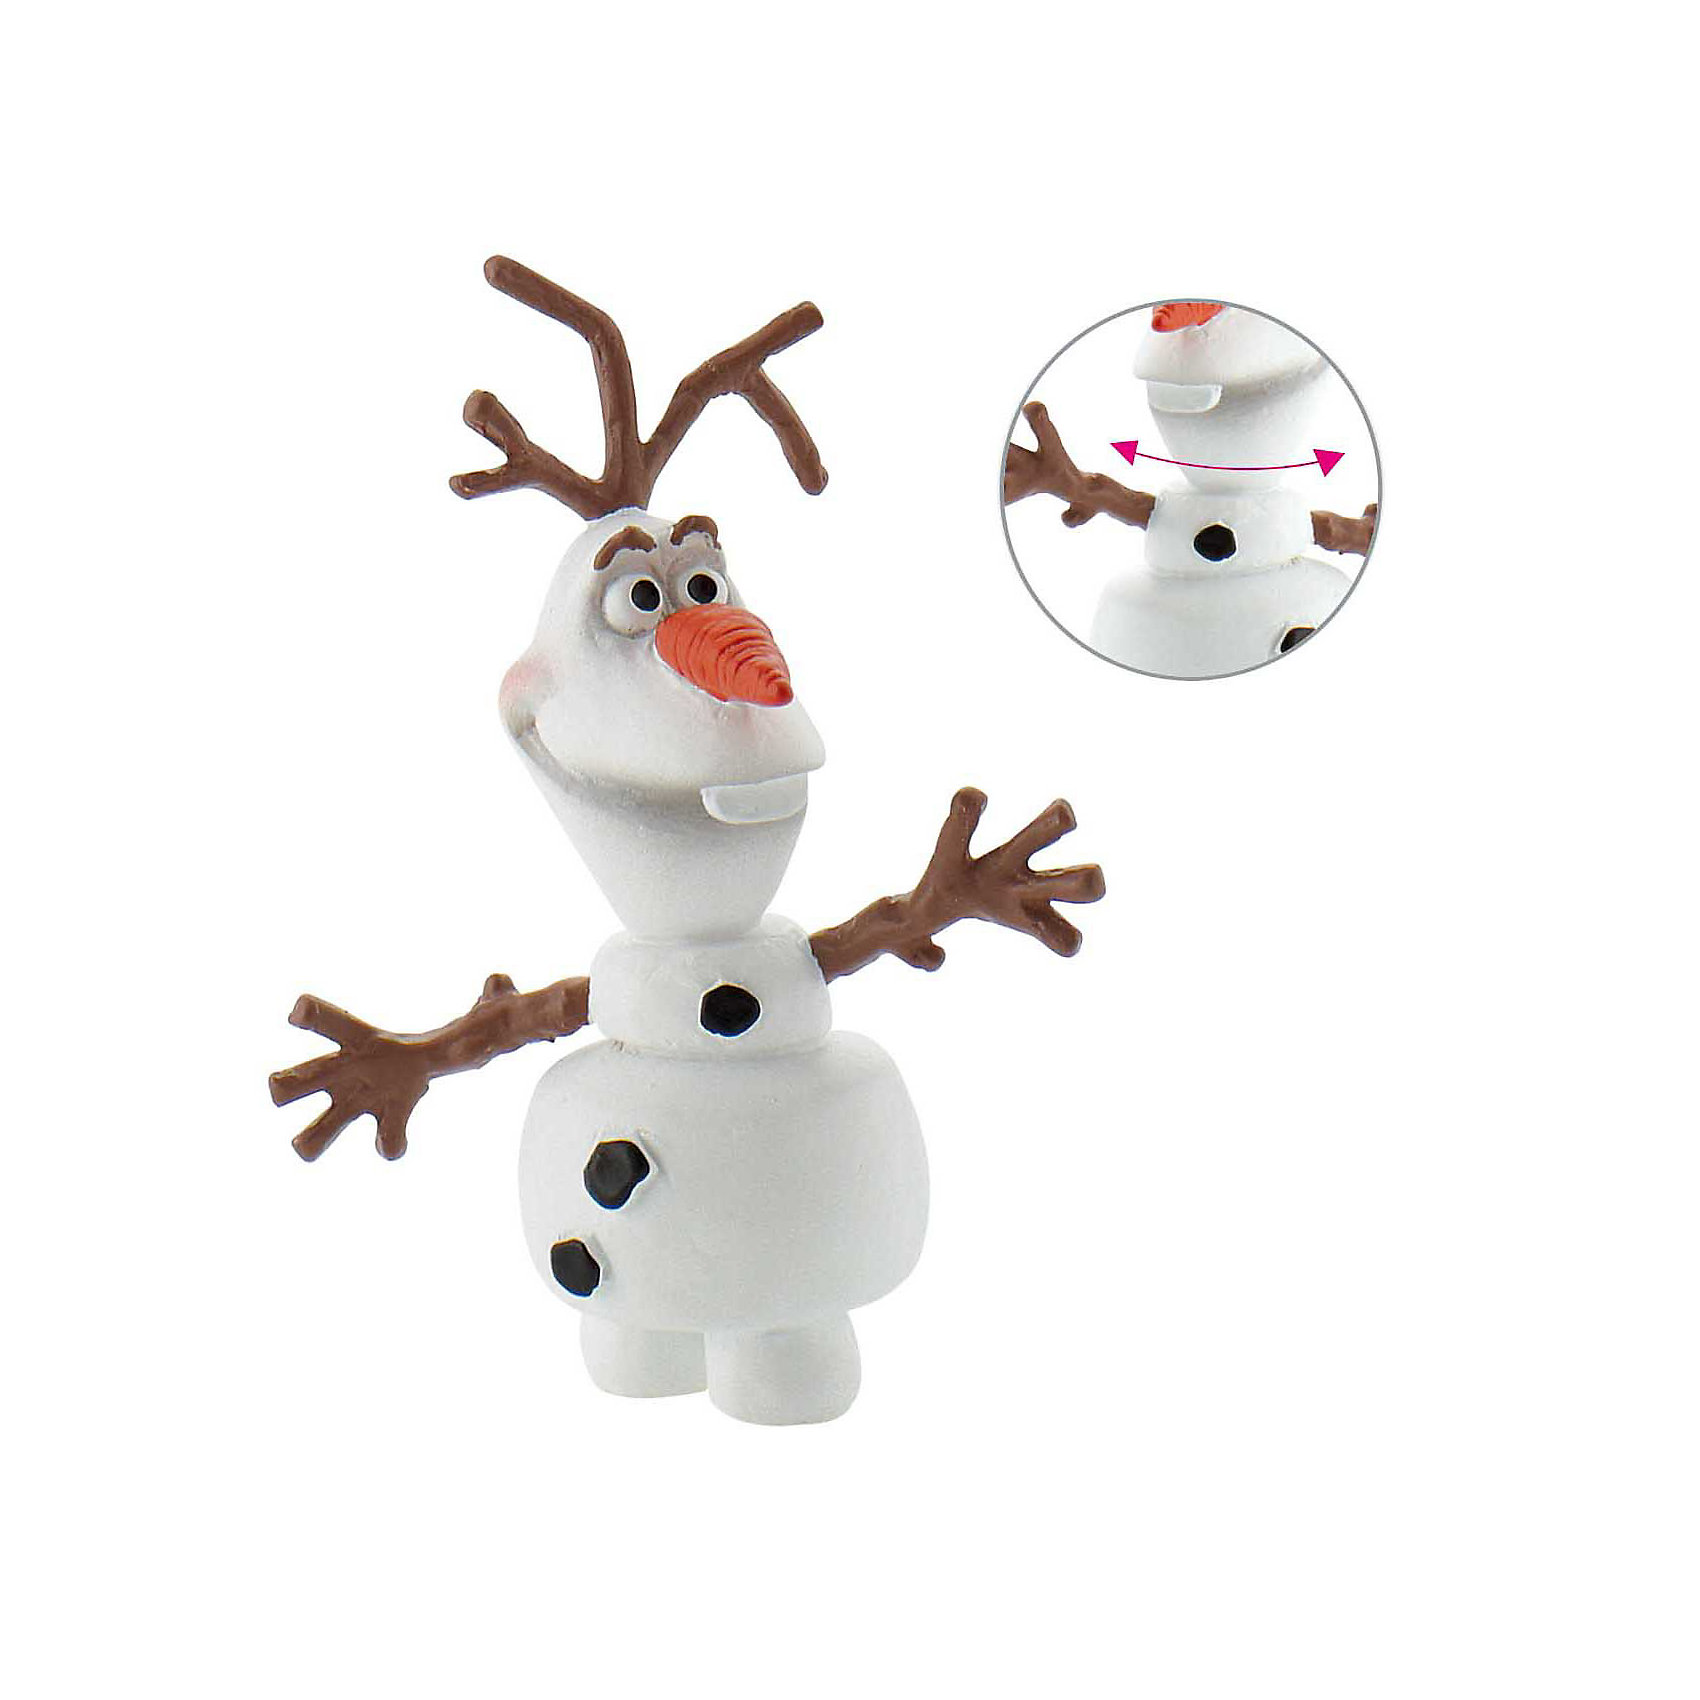 Фигурка Олаф,  DisneyХолодное Сердце<br>Симпатичный снеговик Олаф – герой мультфильма «Холодное сердце». И мальчики, и девочки любят этого зимнего персонажа, который мечтает однажды встретить лето. <br>Забавная фигурка снеговика выглядит как на киноэкране. Голова героя поворачивается в разные стороны. Игрушка изготовлена из термопластичного каучука – безопасного материала нового поколения, который использует Bullyland (Германия) для своих игрушек. Фигурки Bullyland выпускаются более 40 лет и заслужили награду Spiel Gut, присуждаемую комитетом учителей и врачей.<br>Соберите всех персонажей Холодного сердца в своей личной коллекции фигурок! <br><br>Дополнительная информация:<br><br>Высота фигурки: 4,5 см.<br><br>Фигурку Олаф,  Disney можно купить в нашем магазине.<br><br>Ширина мм: 82<br>Глубина мм: 27<br>Высота мм: 22<br>Вес г: 1<br>Возраст от месяцев: 36<br>Возраст до месяцев: 96<br>Пол: Женский<br>Возраст: Детский<br>SKU: 3383419